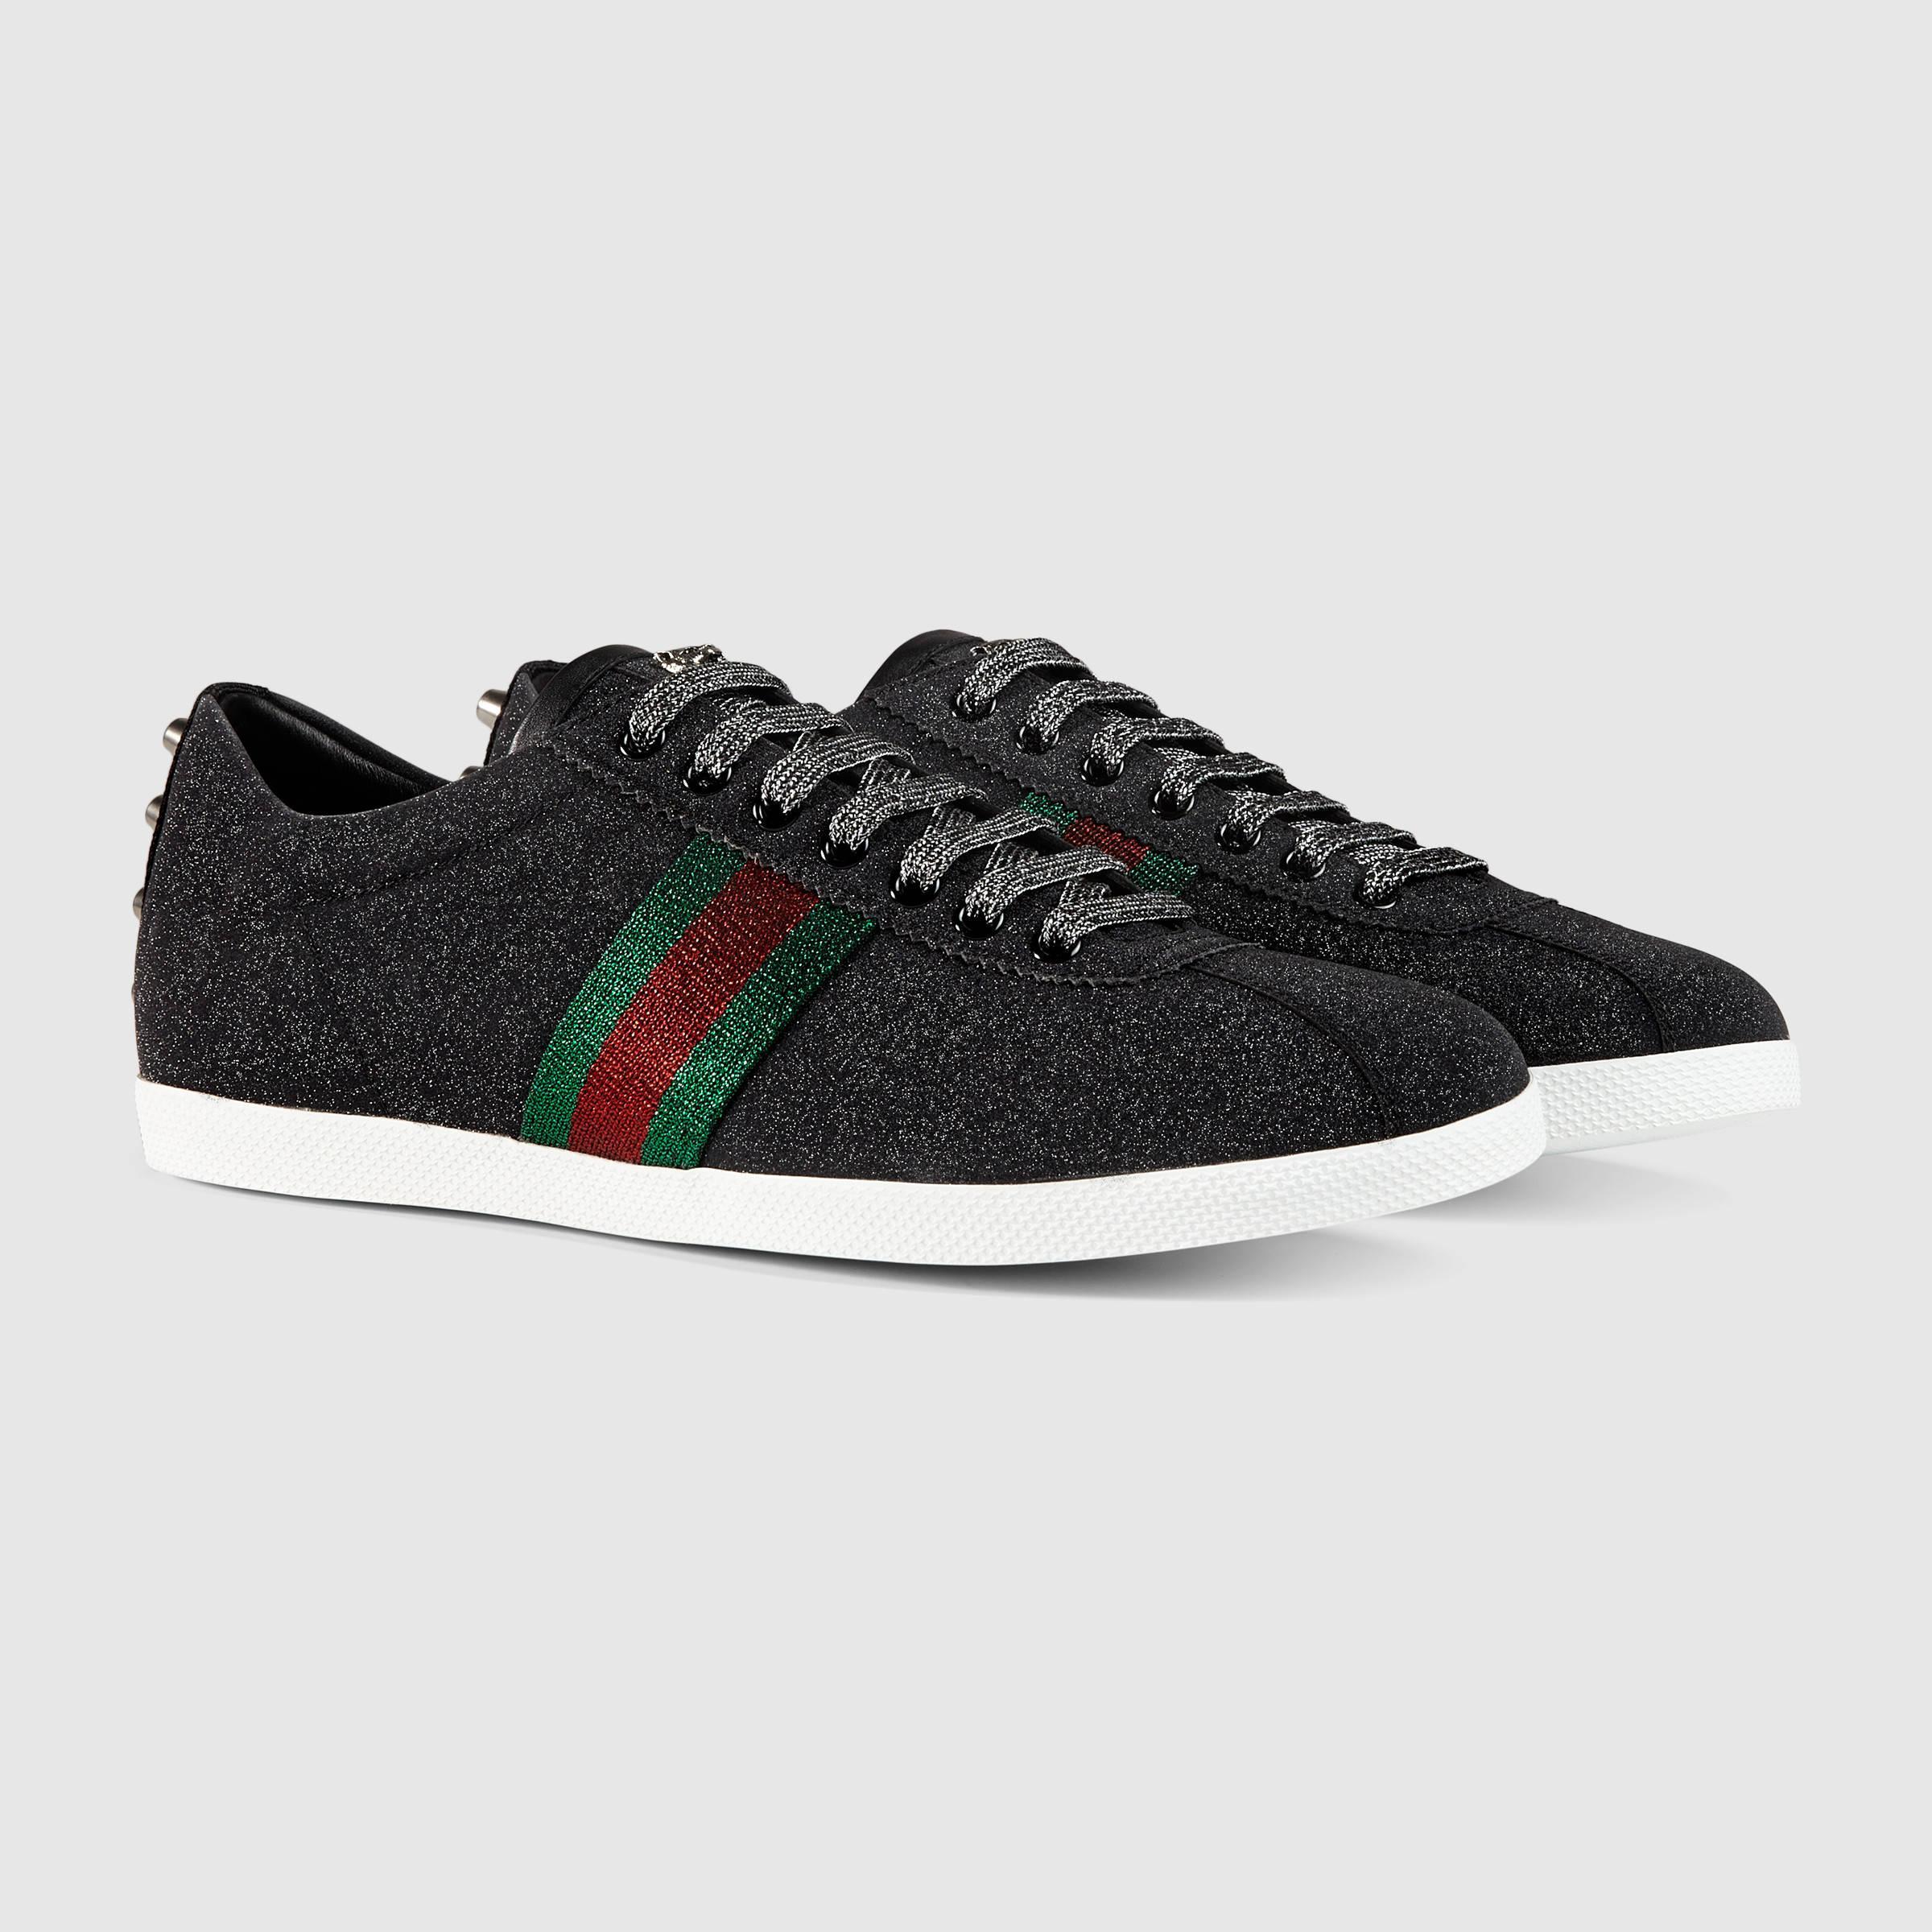 ce81a417e6e Lyst - Gucci Glitter Web Sneaker in Black for Men